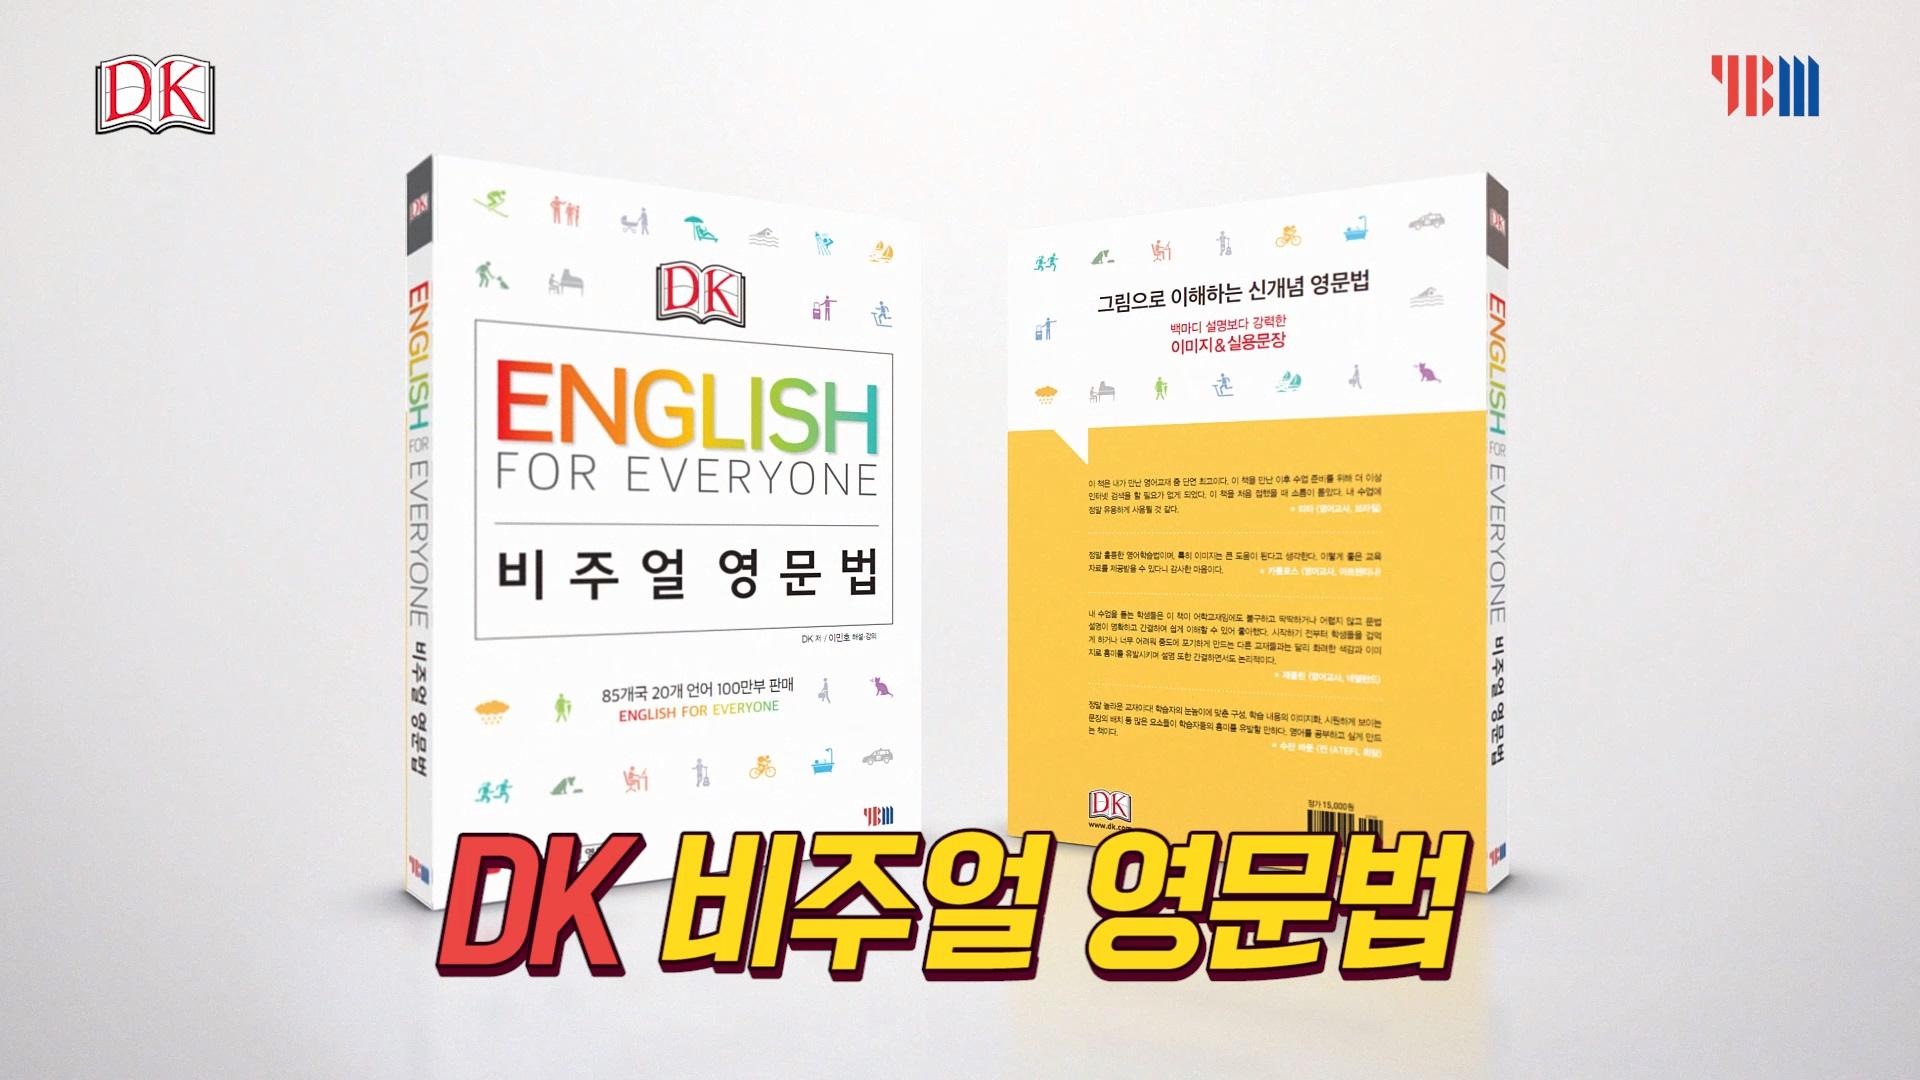 싸니까 믿으니까 인터파크도서 - DK ENGLISH FOR EVERYONE